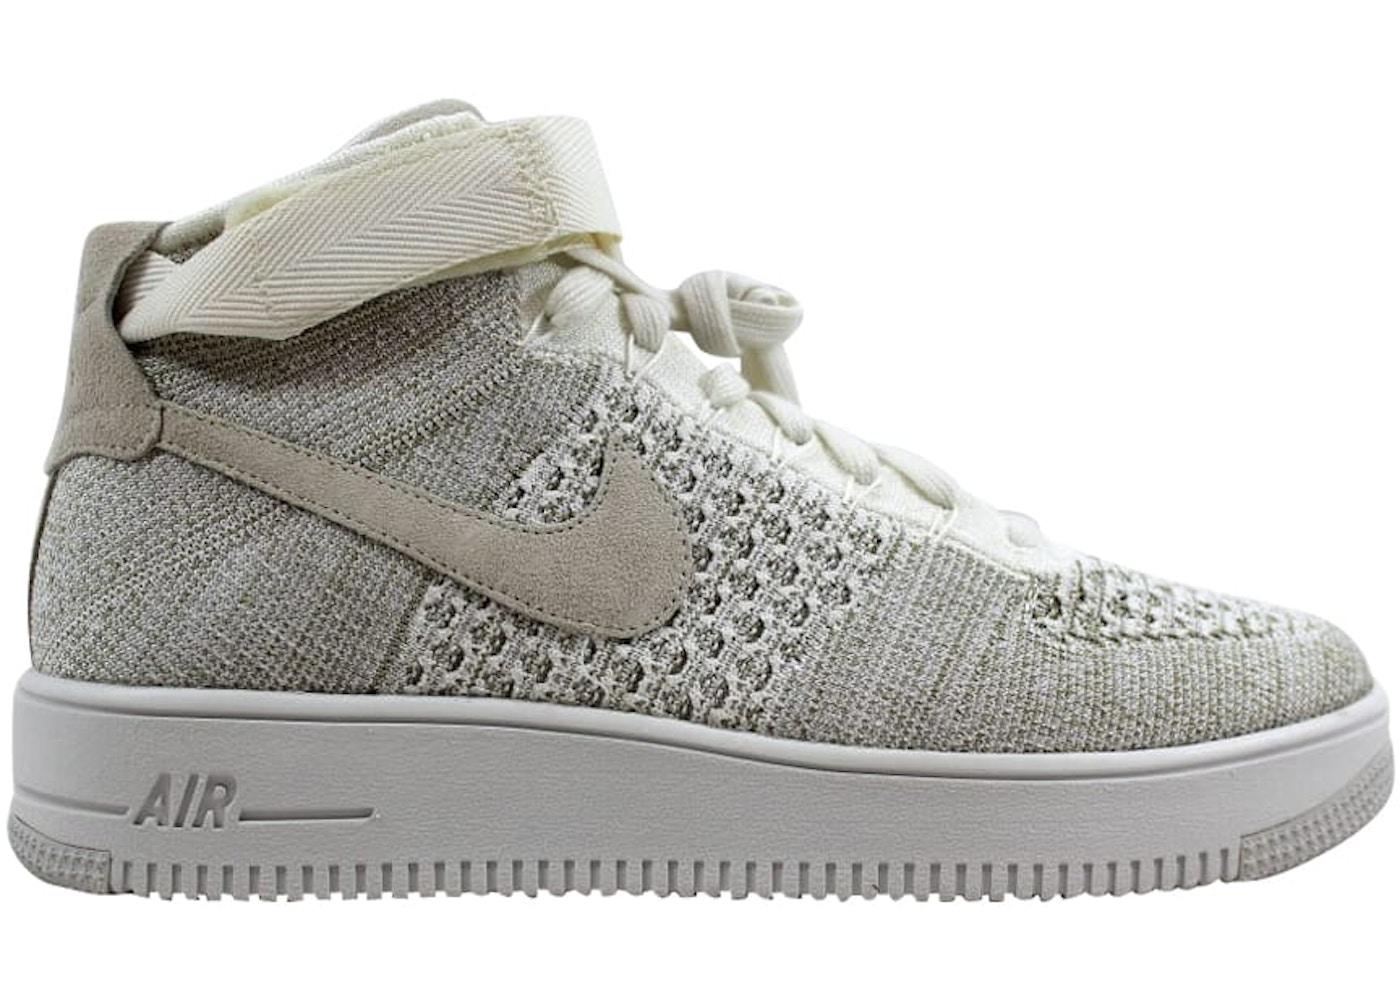 size 40 b9e55 99e05 Nike Af1 Ultra Flyknit Mid Sail/Sail-Pale Grey